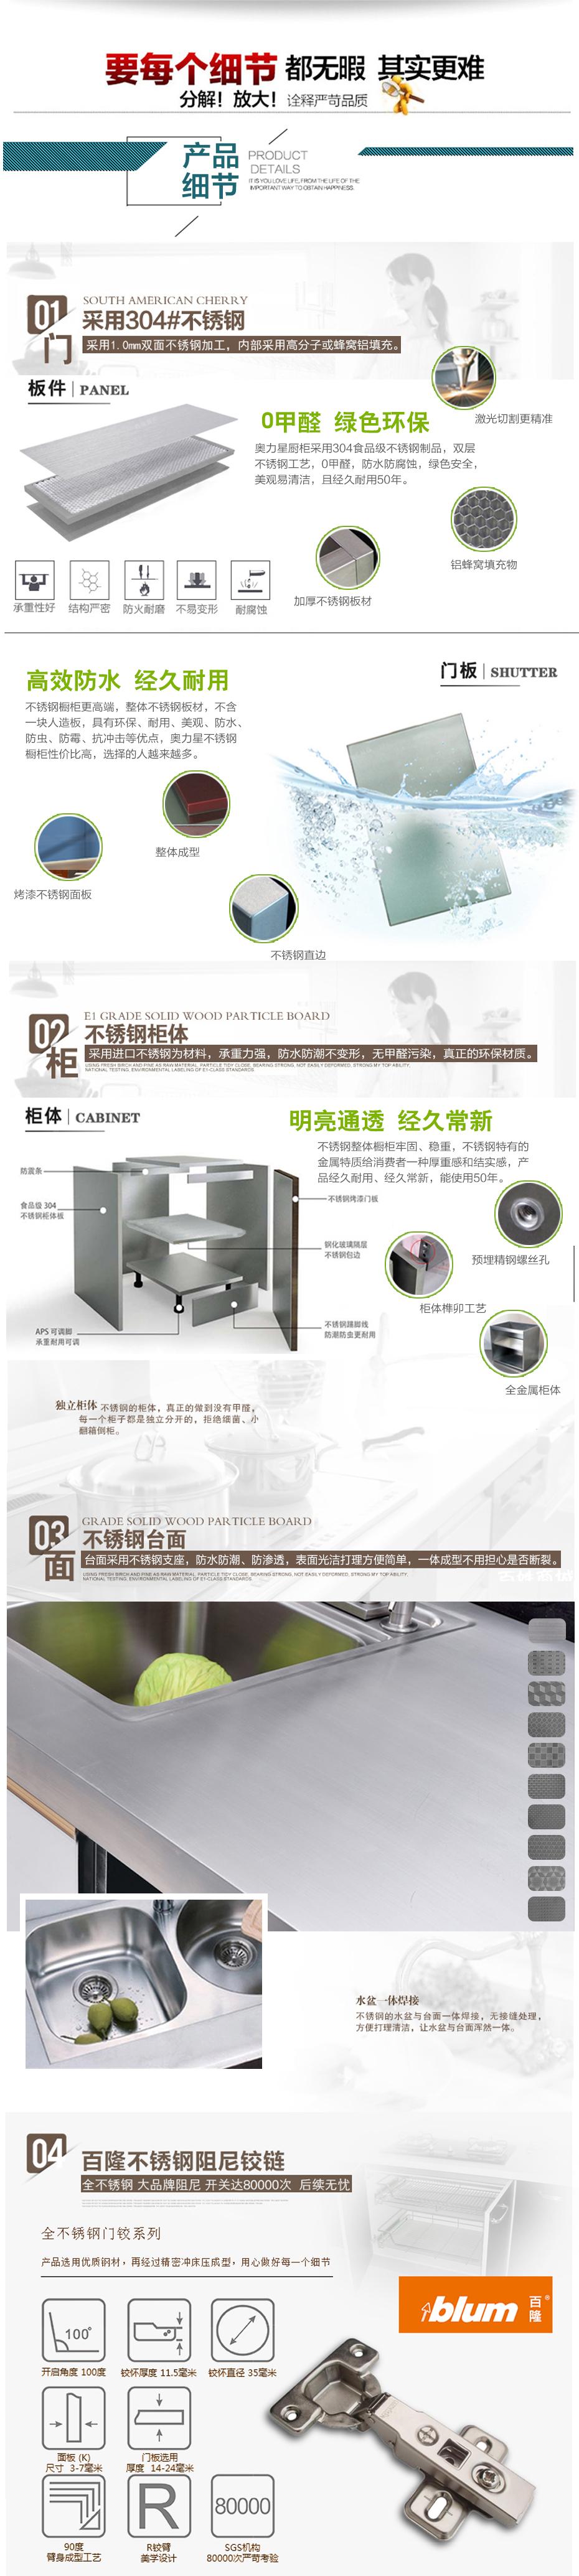 厨房不锈钢柜的产品细节